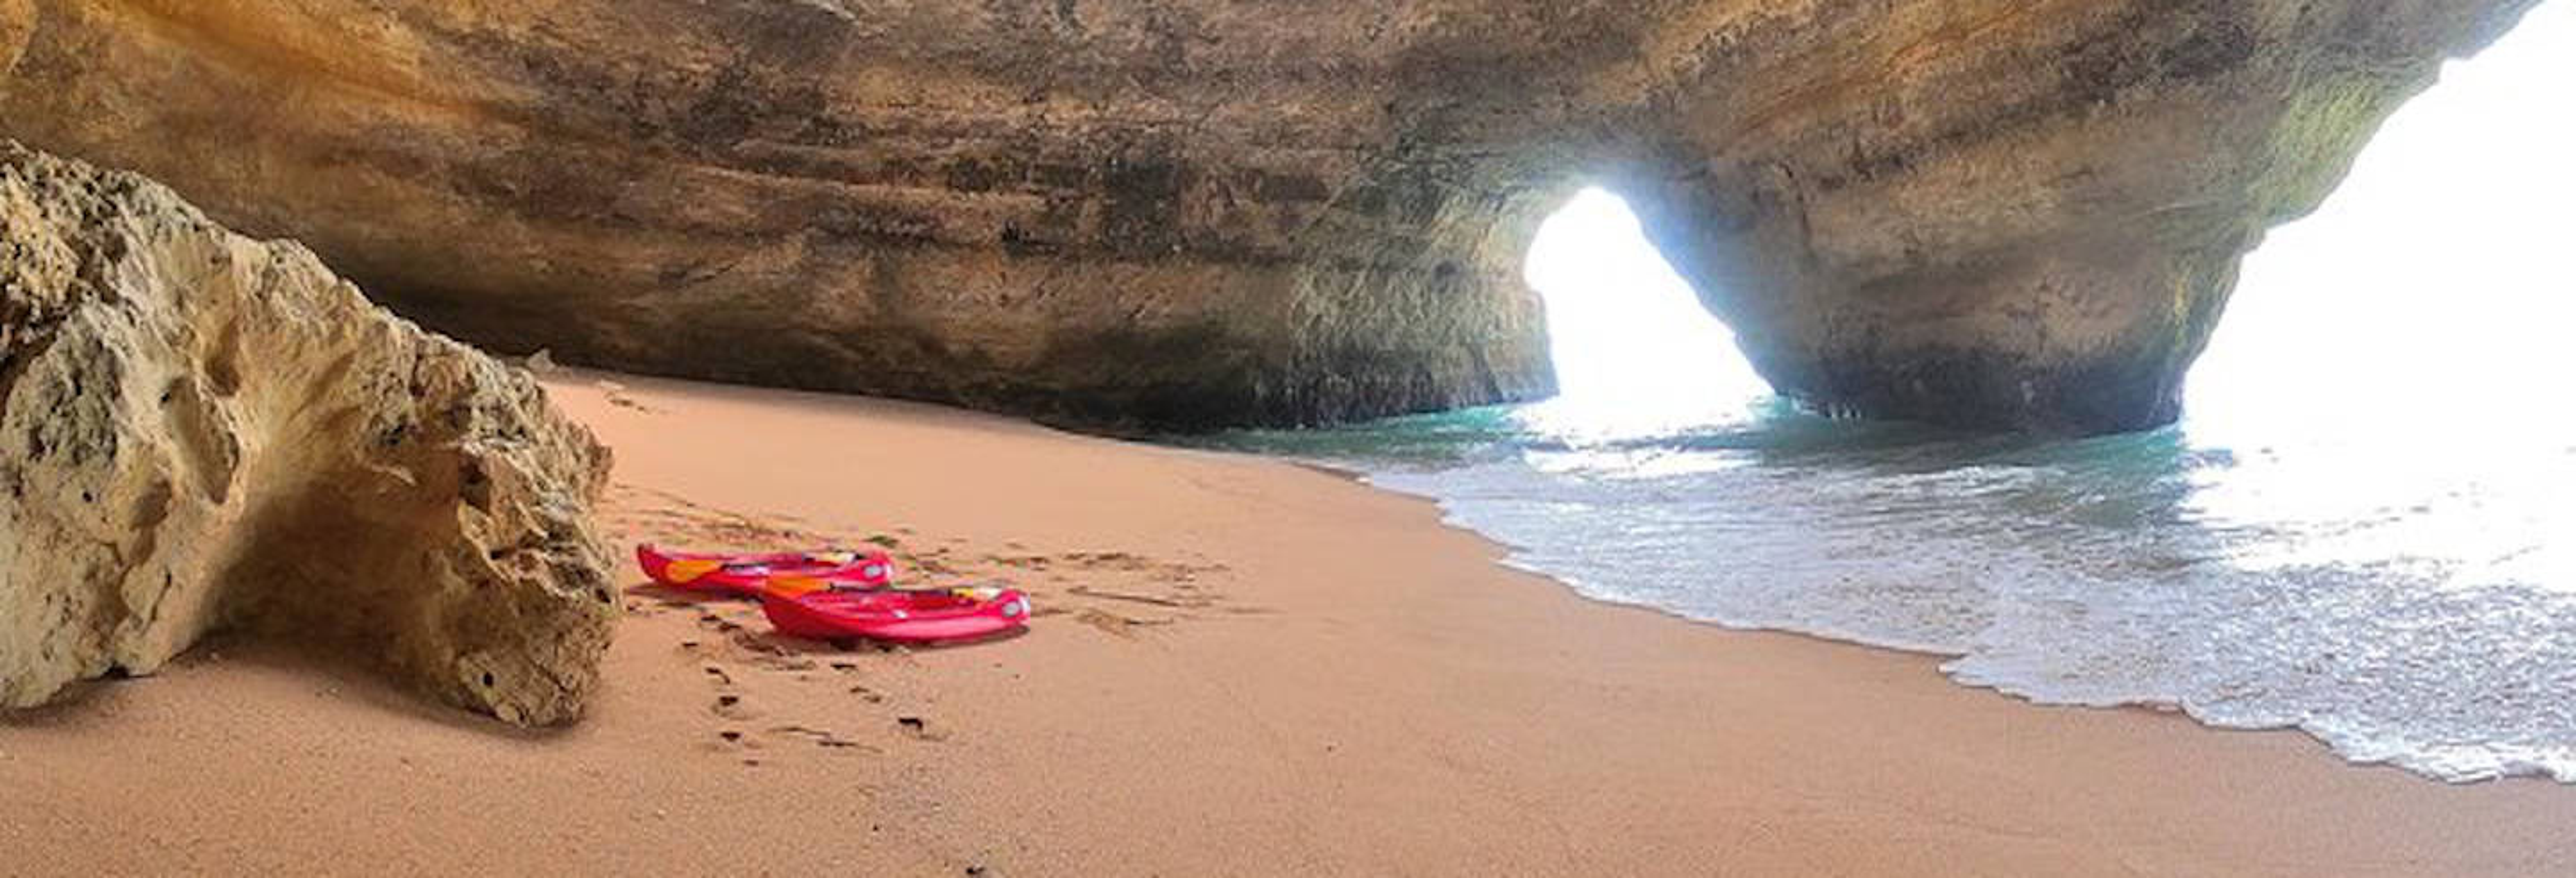 Kayak por las cuevas de Benagil al amanecer o al atardecer